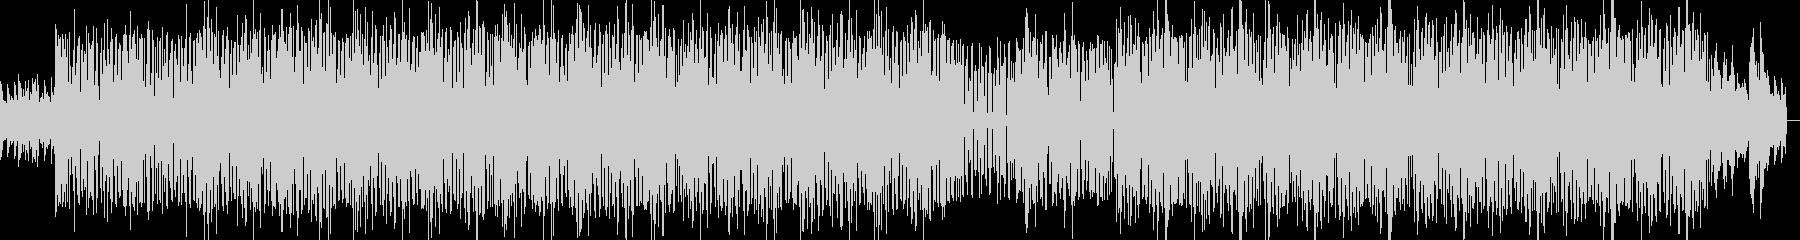 ピアノを使ったHIPHOPインストの未再生の波形